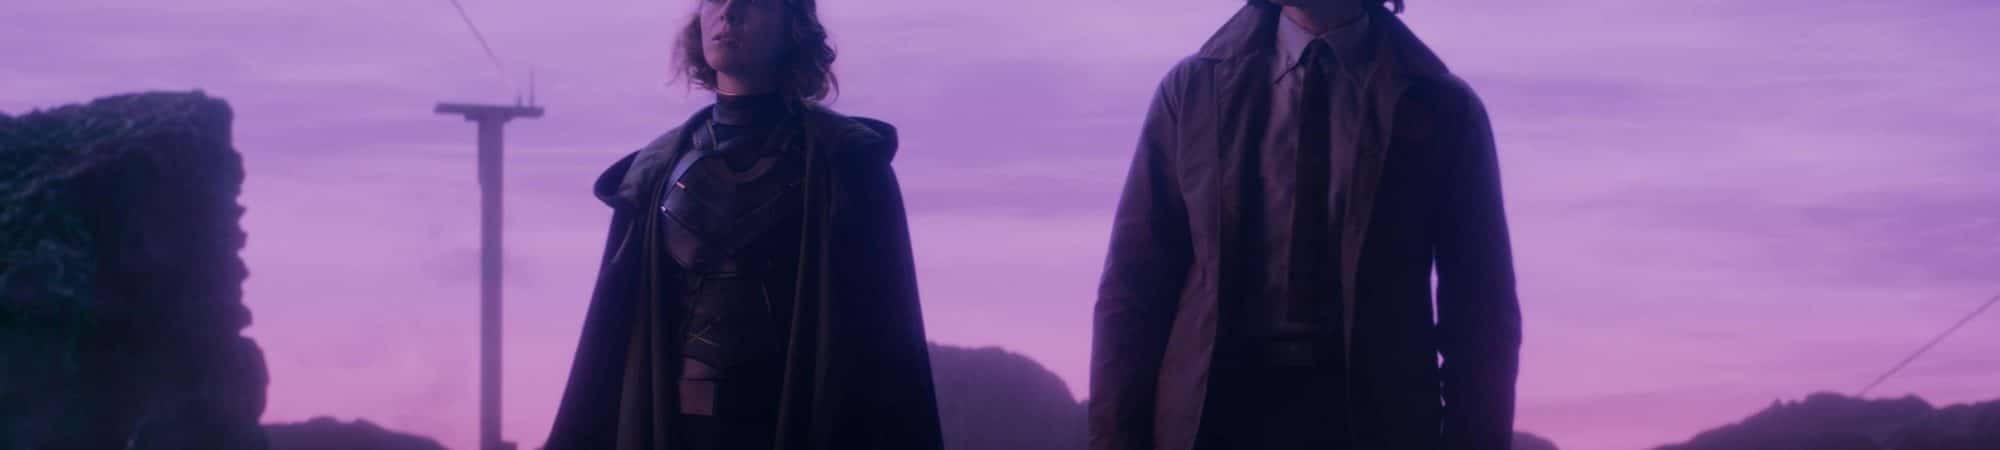 'Loki': saiba os easter eggs e referências do terceiro episódio. Imagem: Marvel Studios/Reprodução